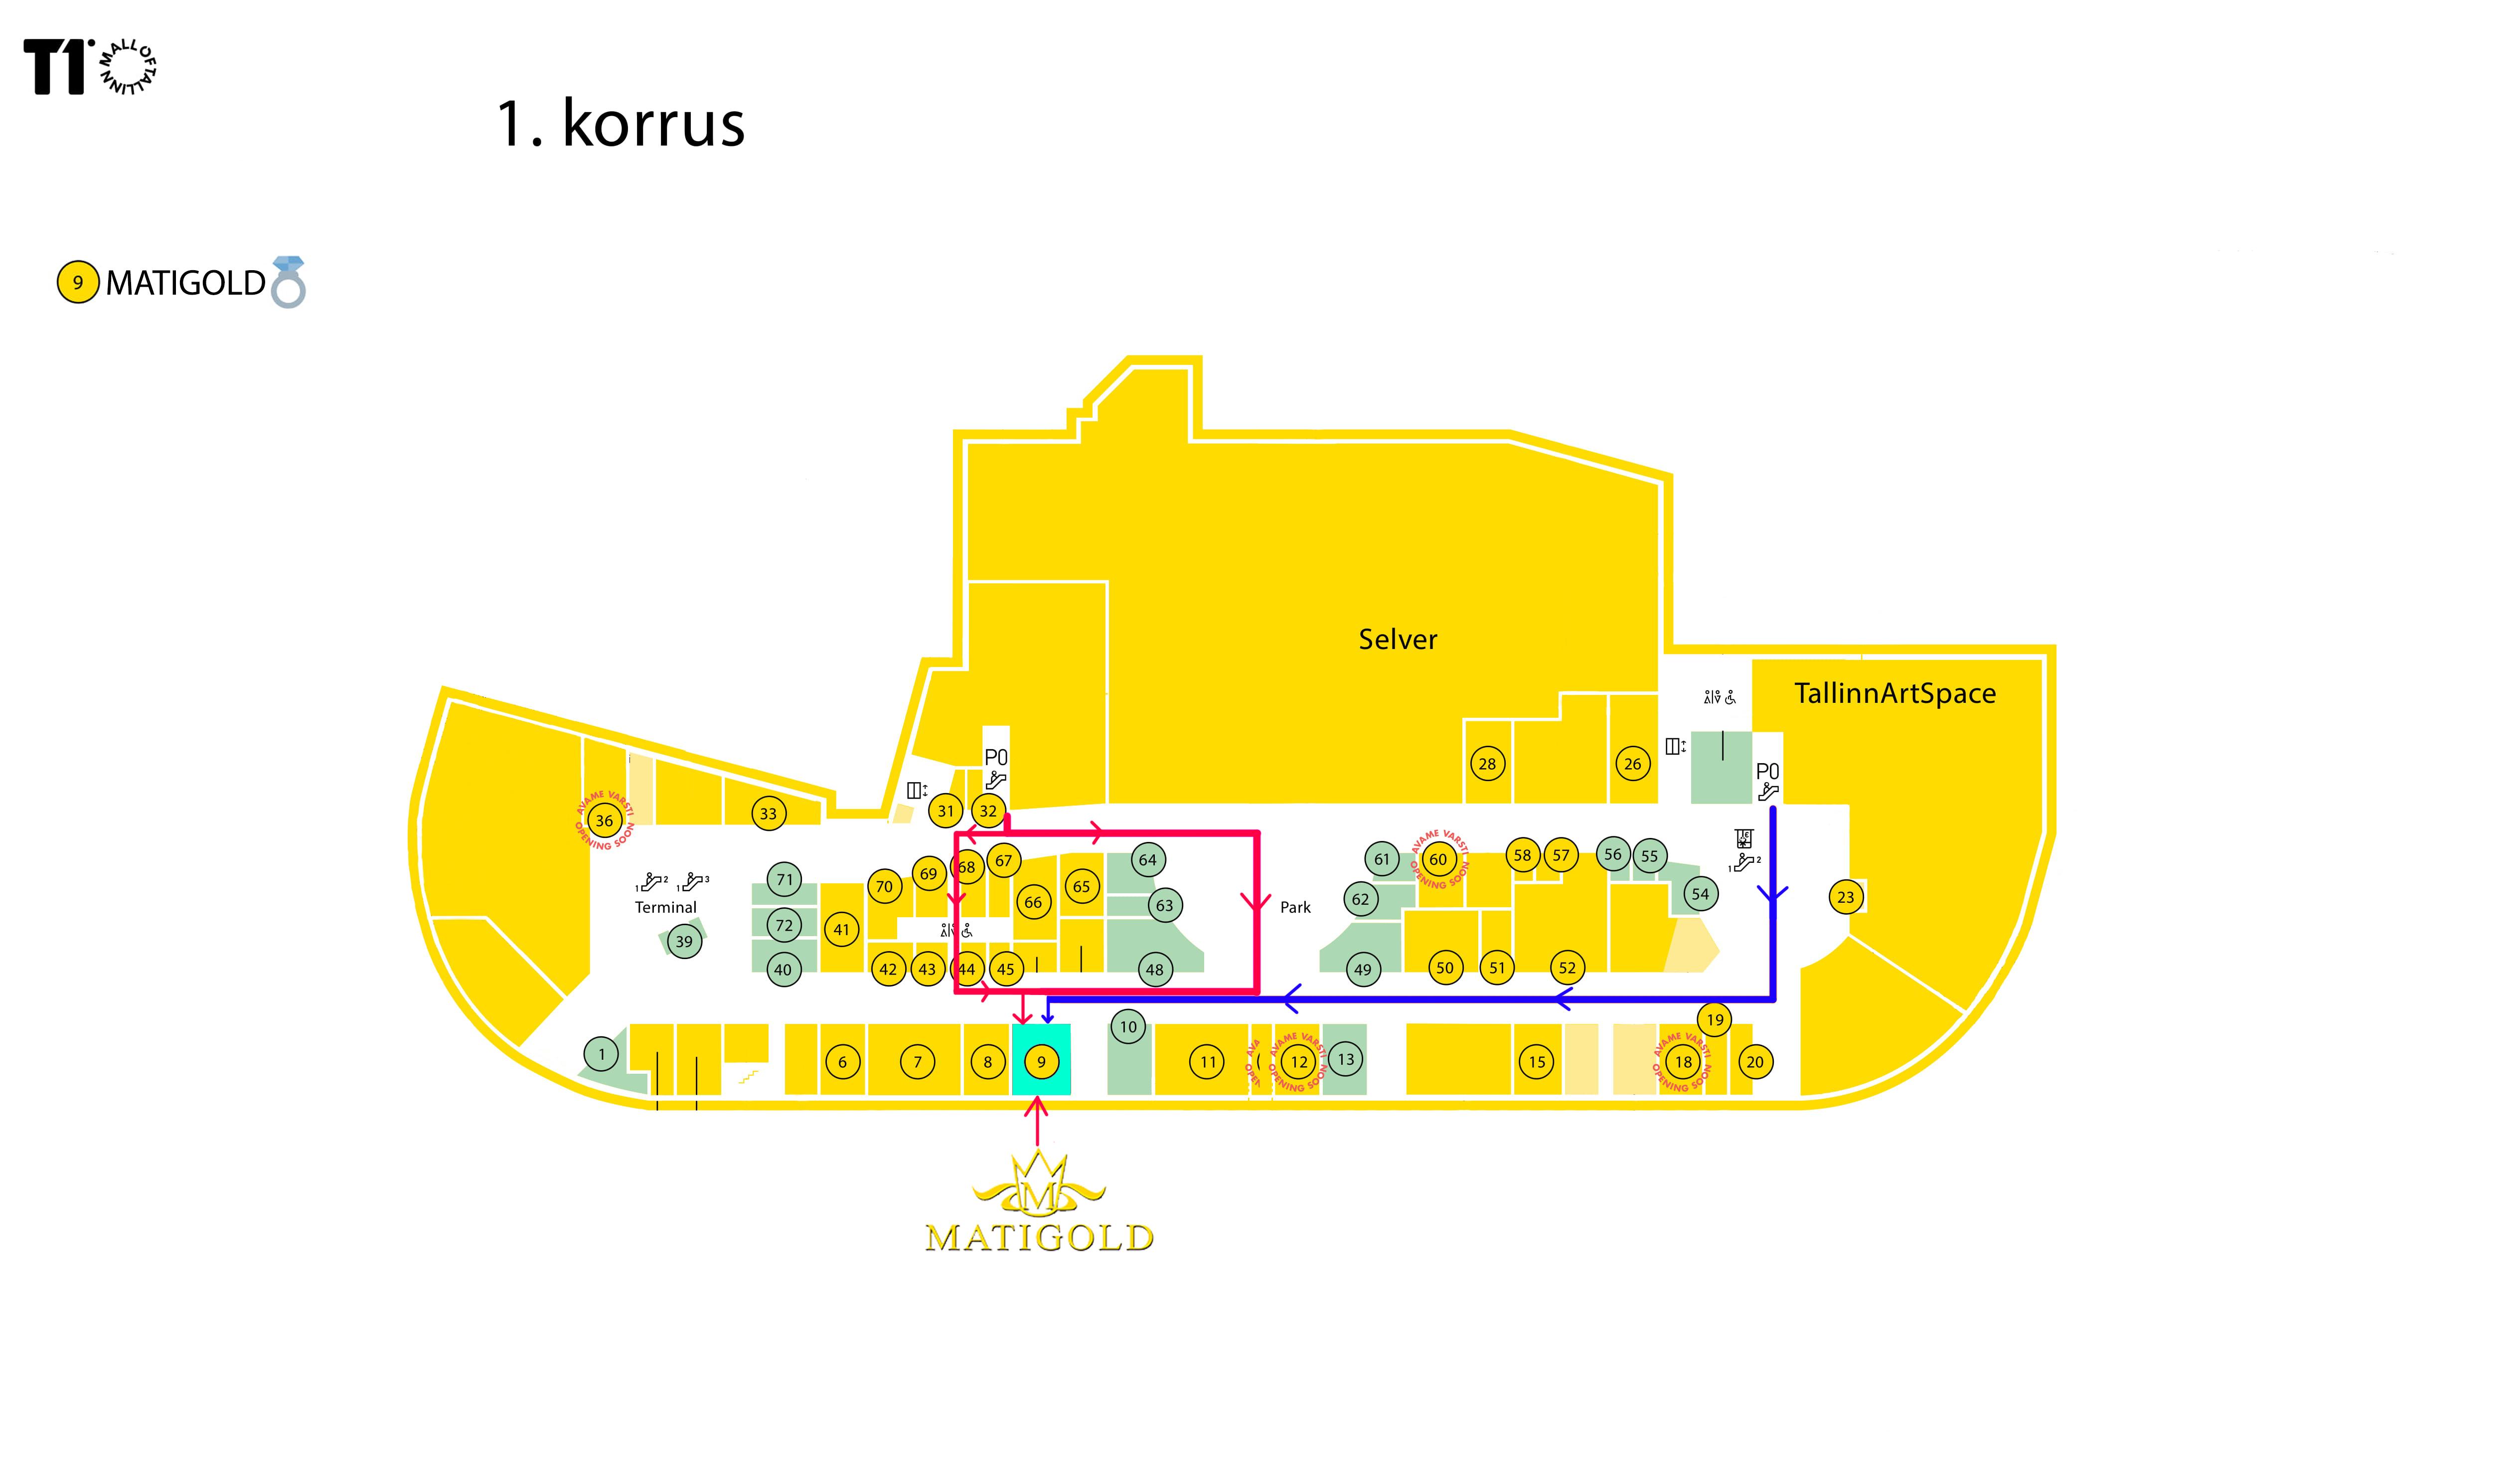 T1 Mall of Tallinn - MATIGOLD - Mati Kullaäri - Majaplaan - Kus me asume? - Kus Mati kullaäri asub? Kus MATIGOLD asub?